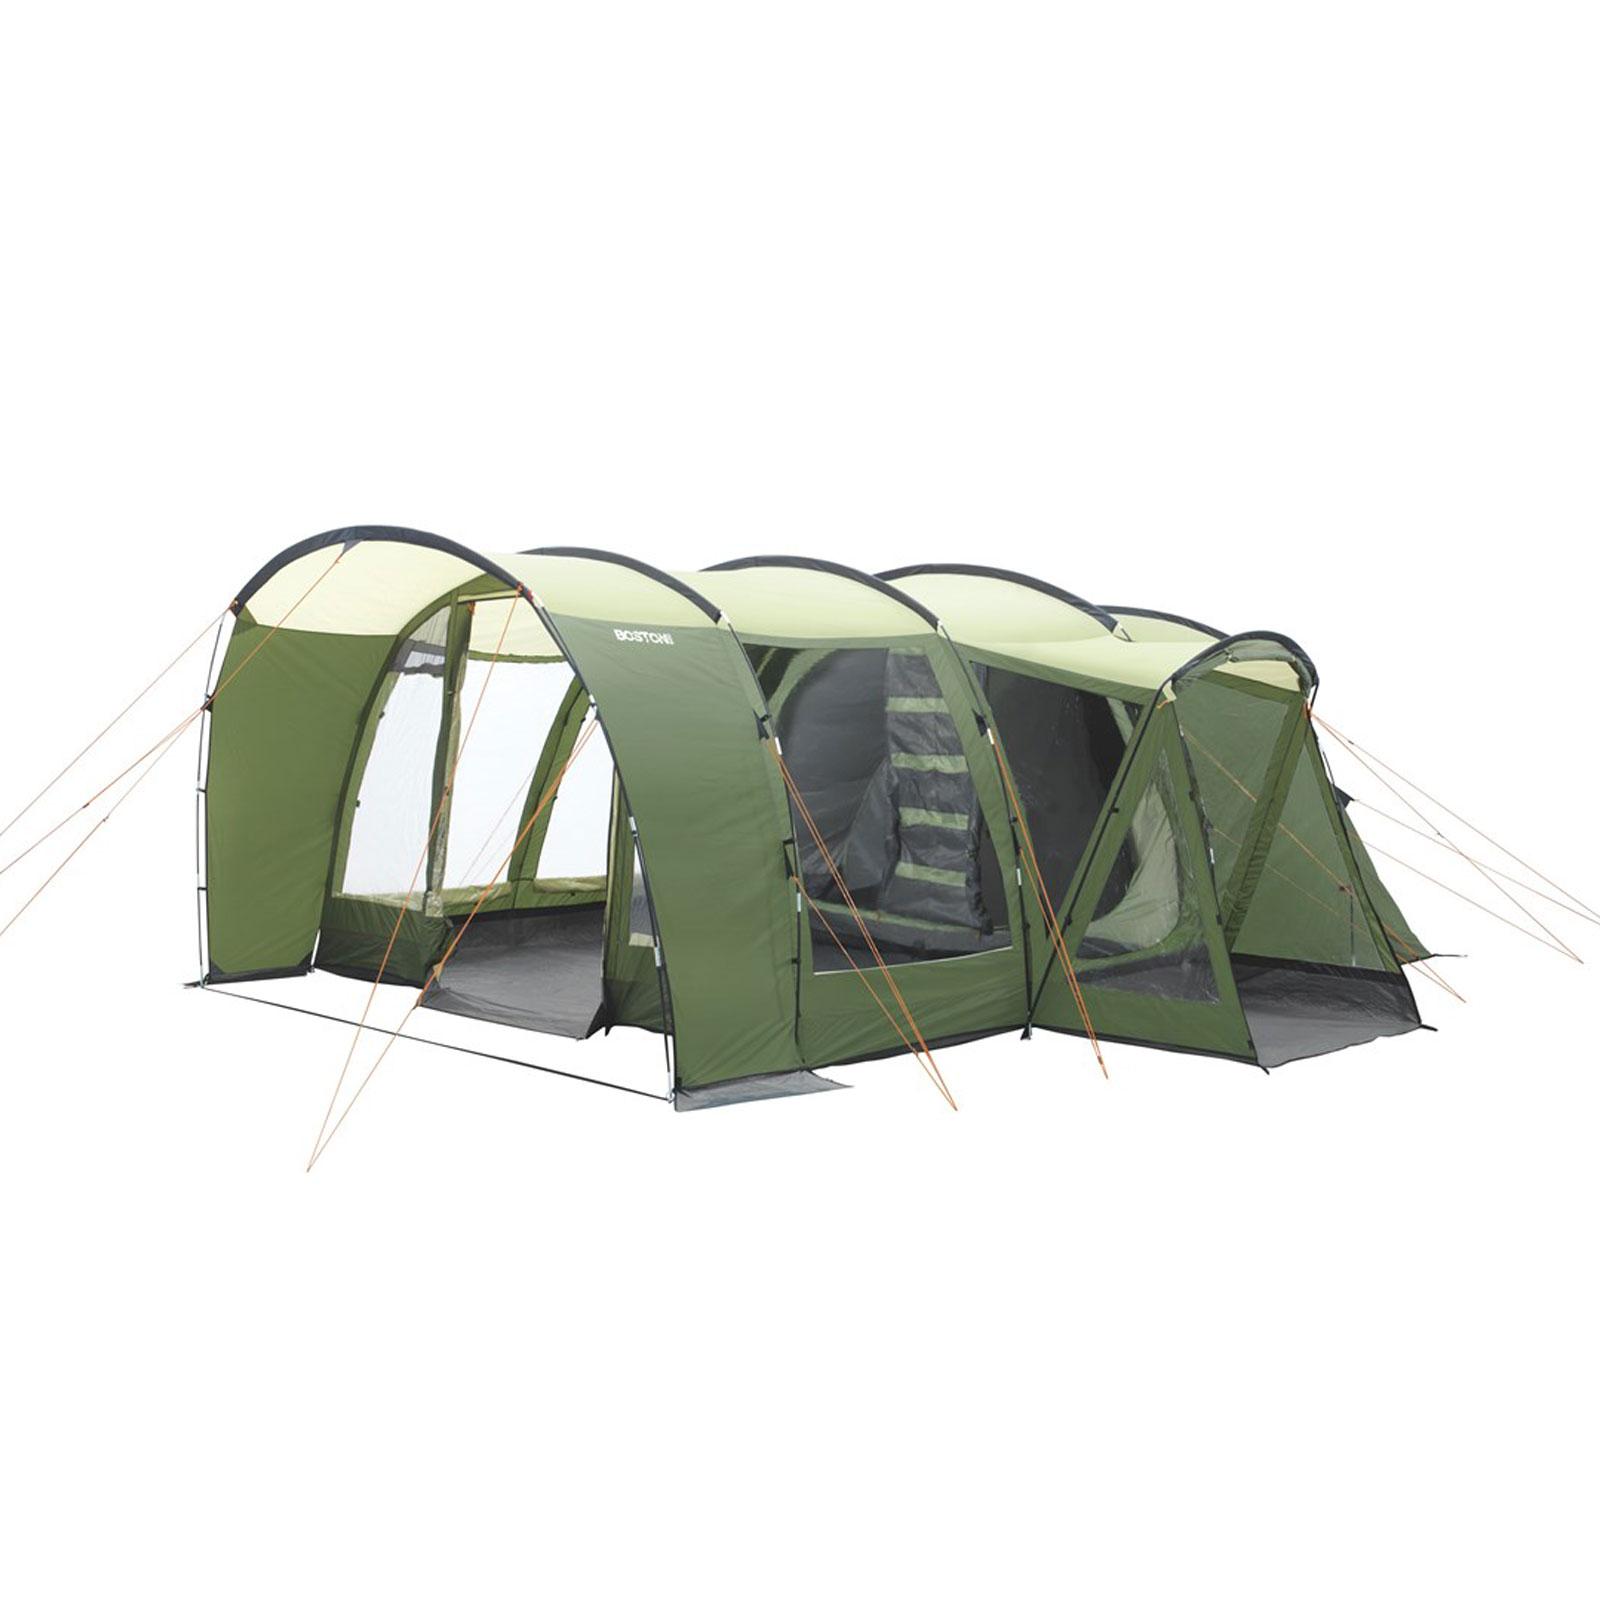 6 personen familienzelt easy camp boston 600a tunnelzelt 6 mann zelt camping ebay